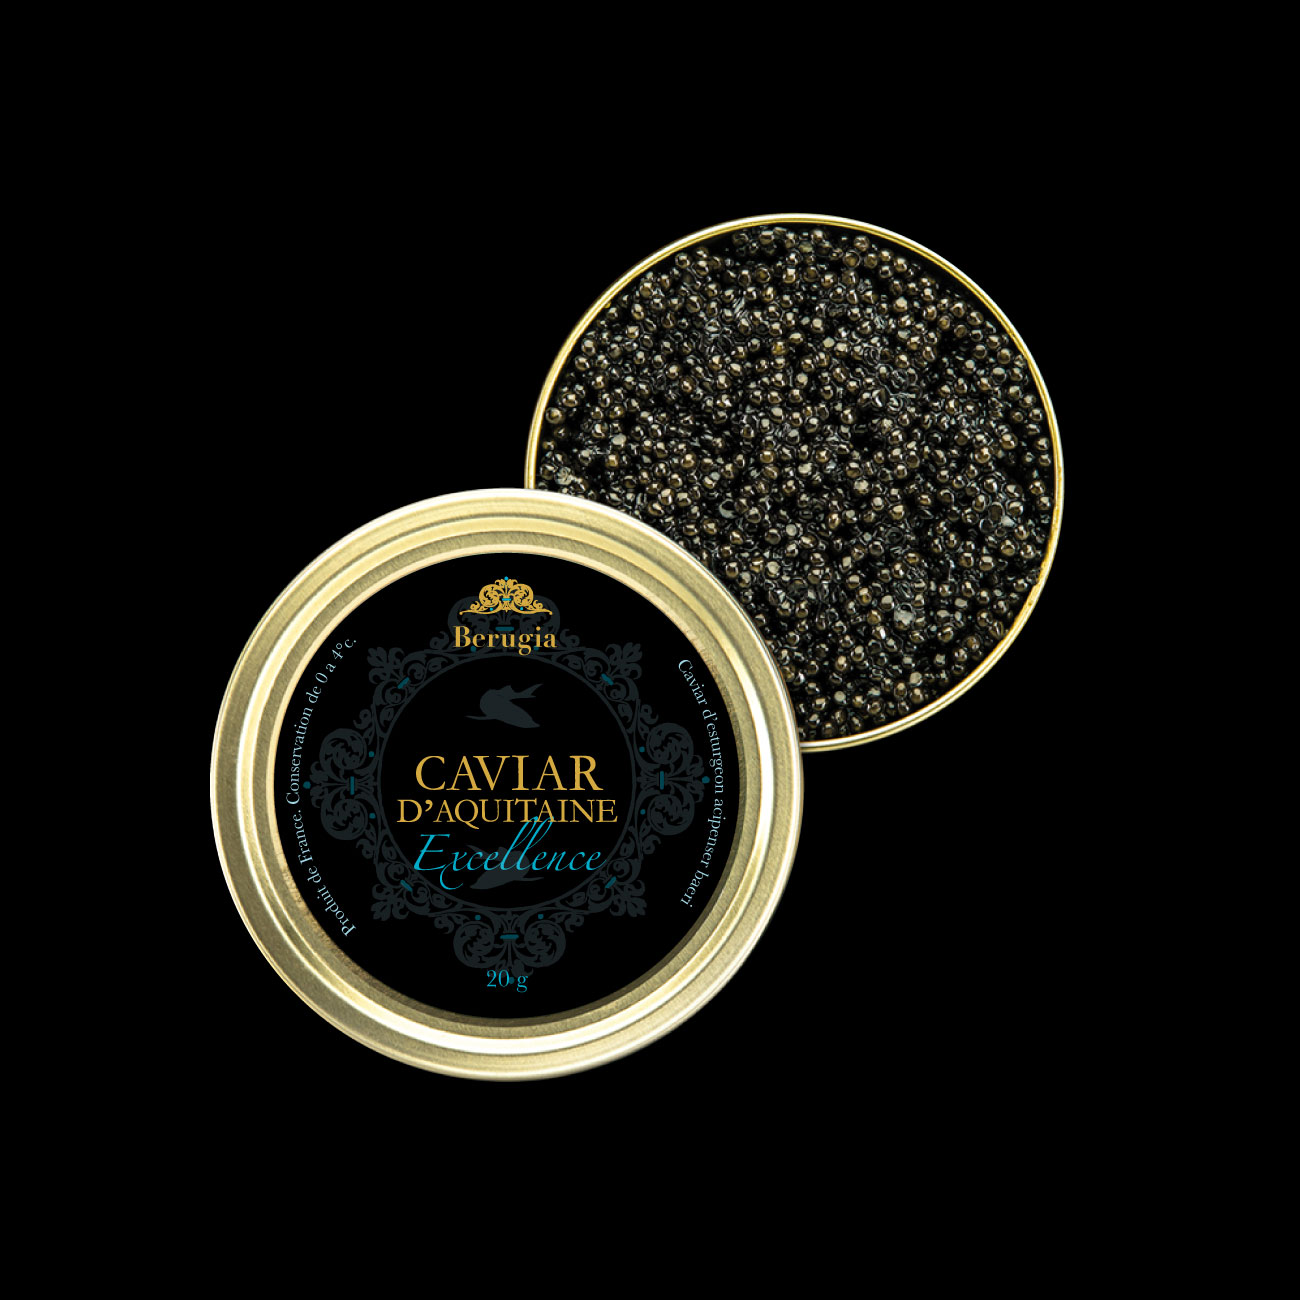 Aïtana Design, Caroline Viollier, graphisme, direction artistique, création graphique, design graphique, branding, Biarritz, Paris, studio de création, packaging, brand, branding, packaging caviar, boîte caviar, luxe, haut de gamme, gastronomie, excellence